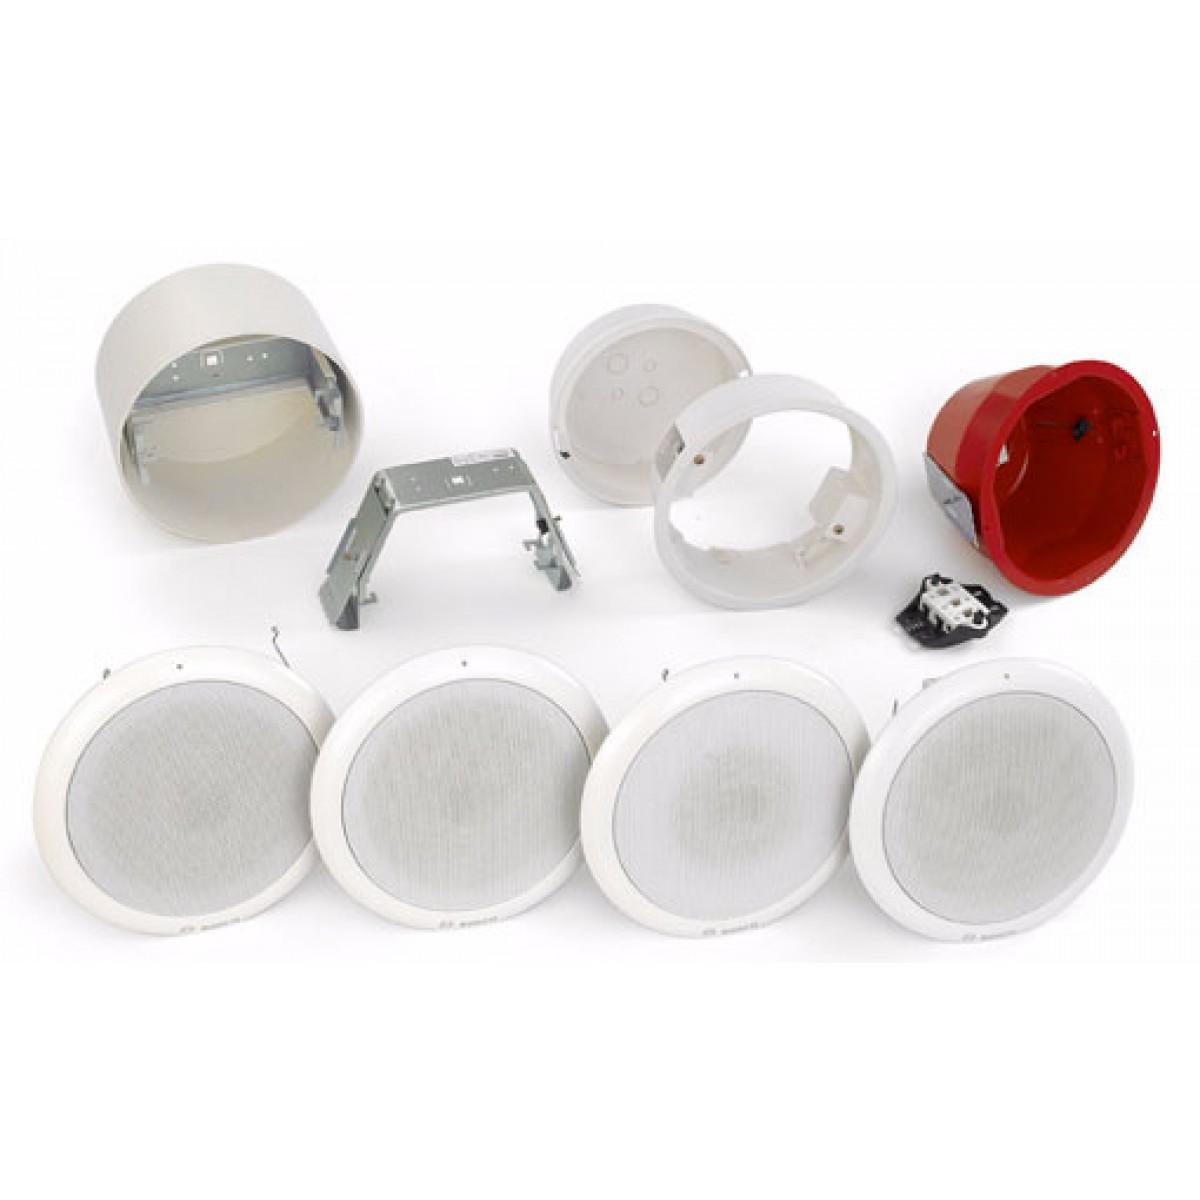 Bosch Lc1 Modular Series Ceiling Speakers En54 Pacific Av